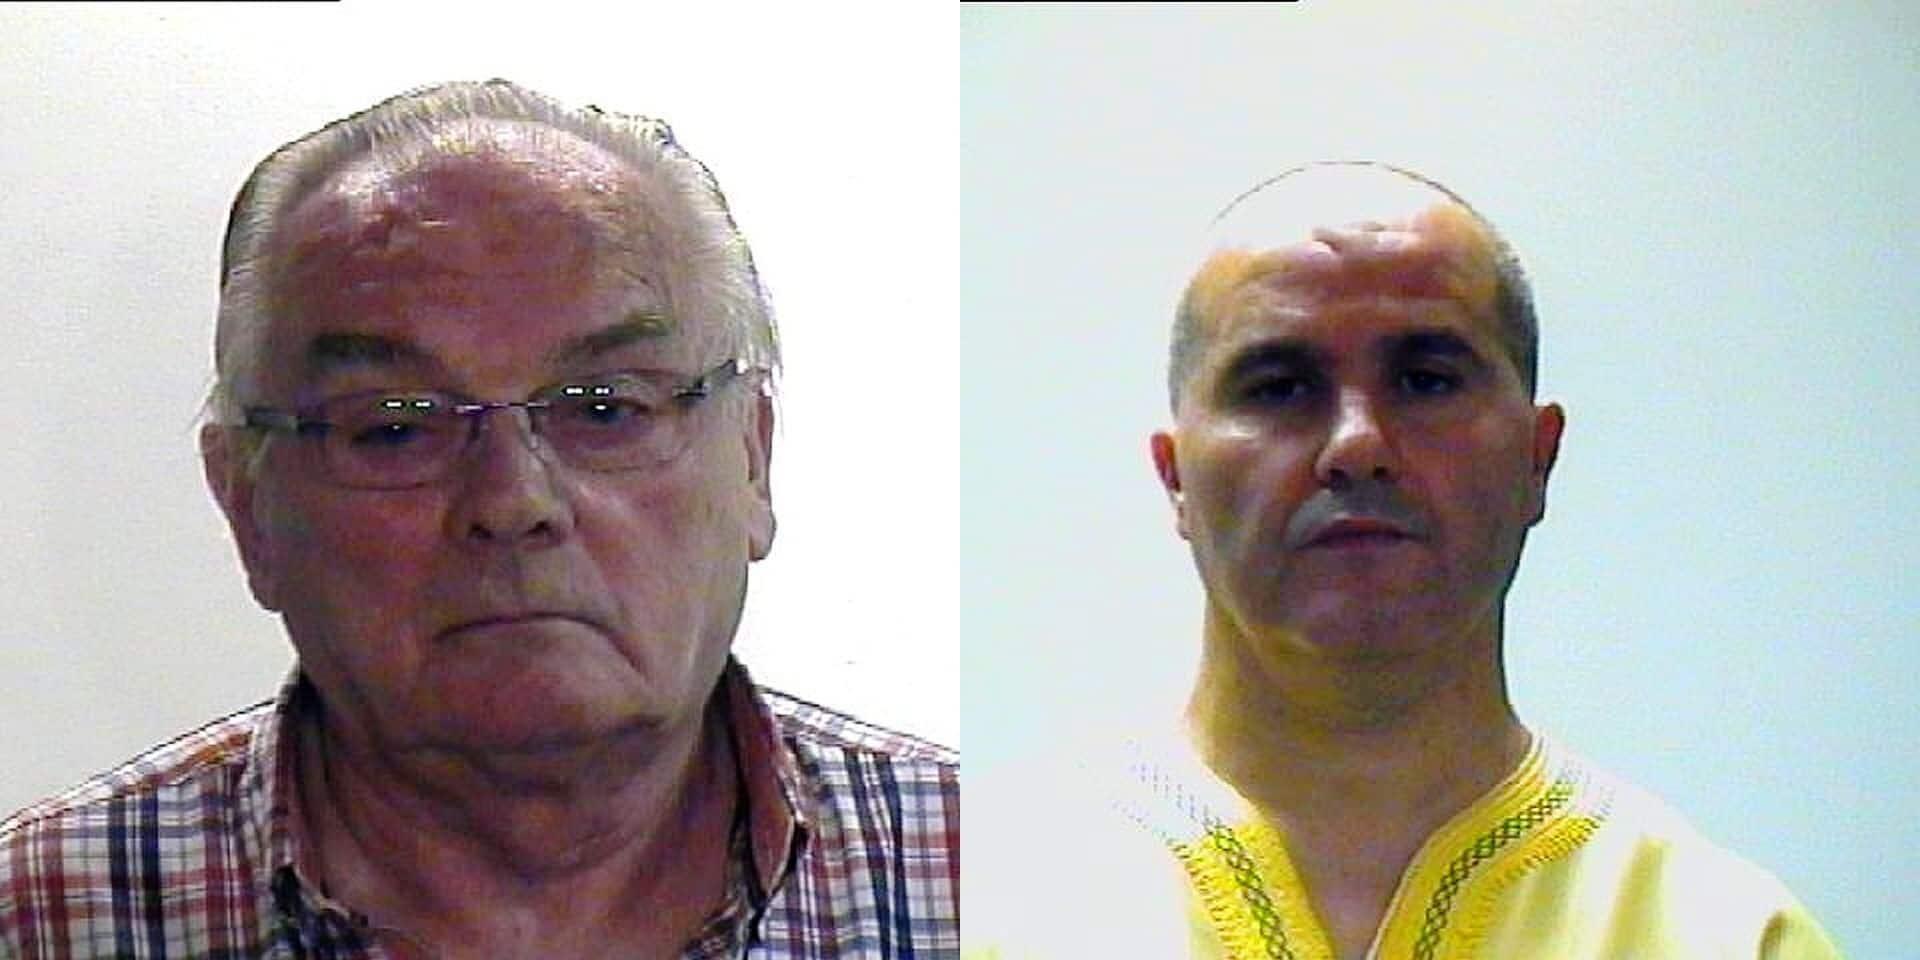 Deux criminels condamnés en Belgique deviennent Most Wanted